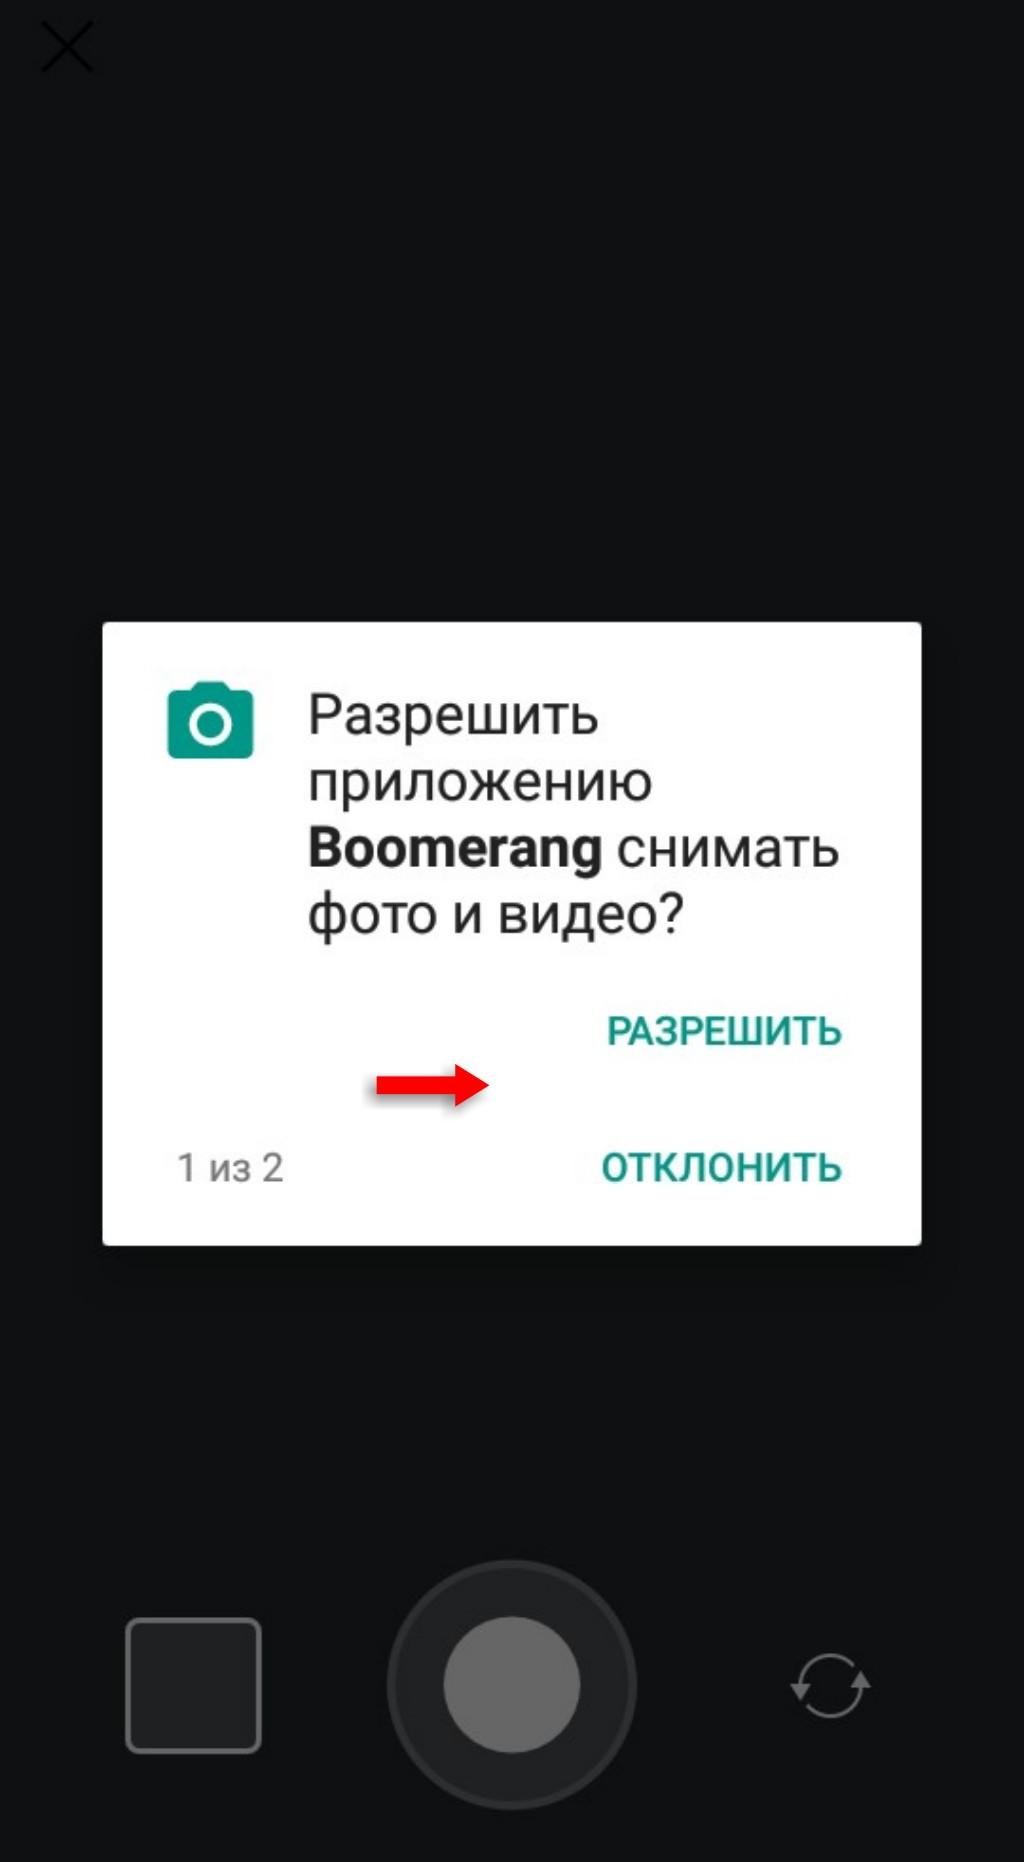 InFrame_1627568554119.jpg